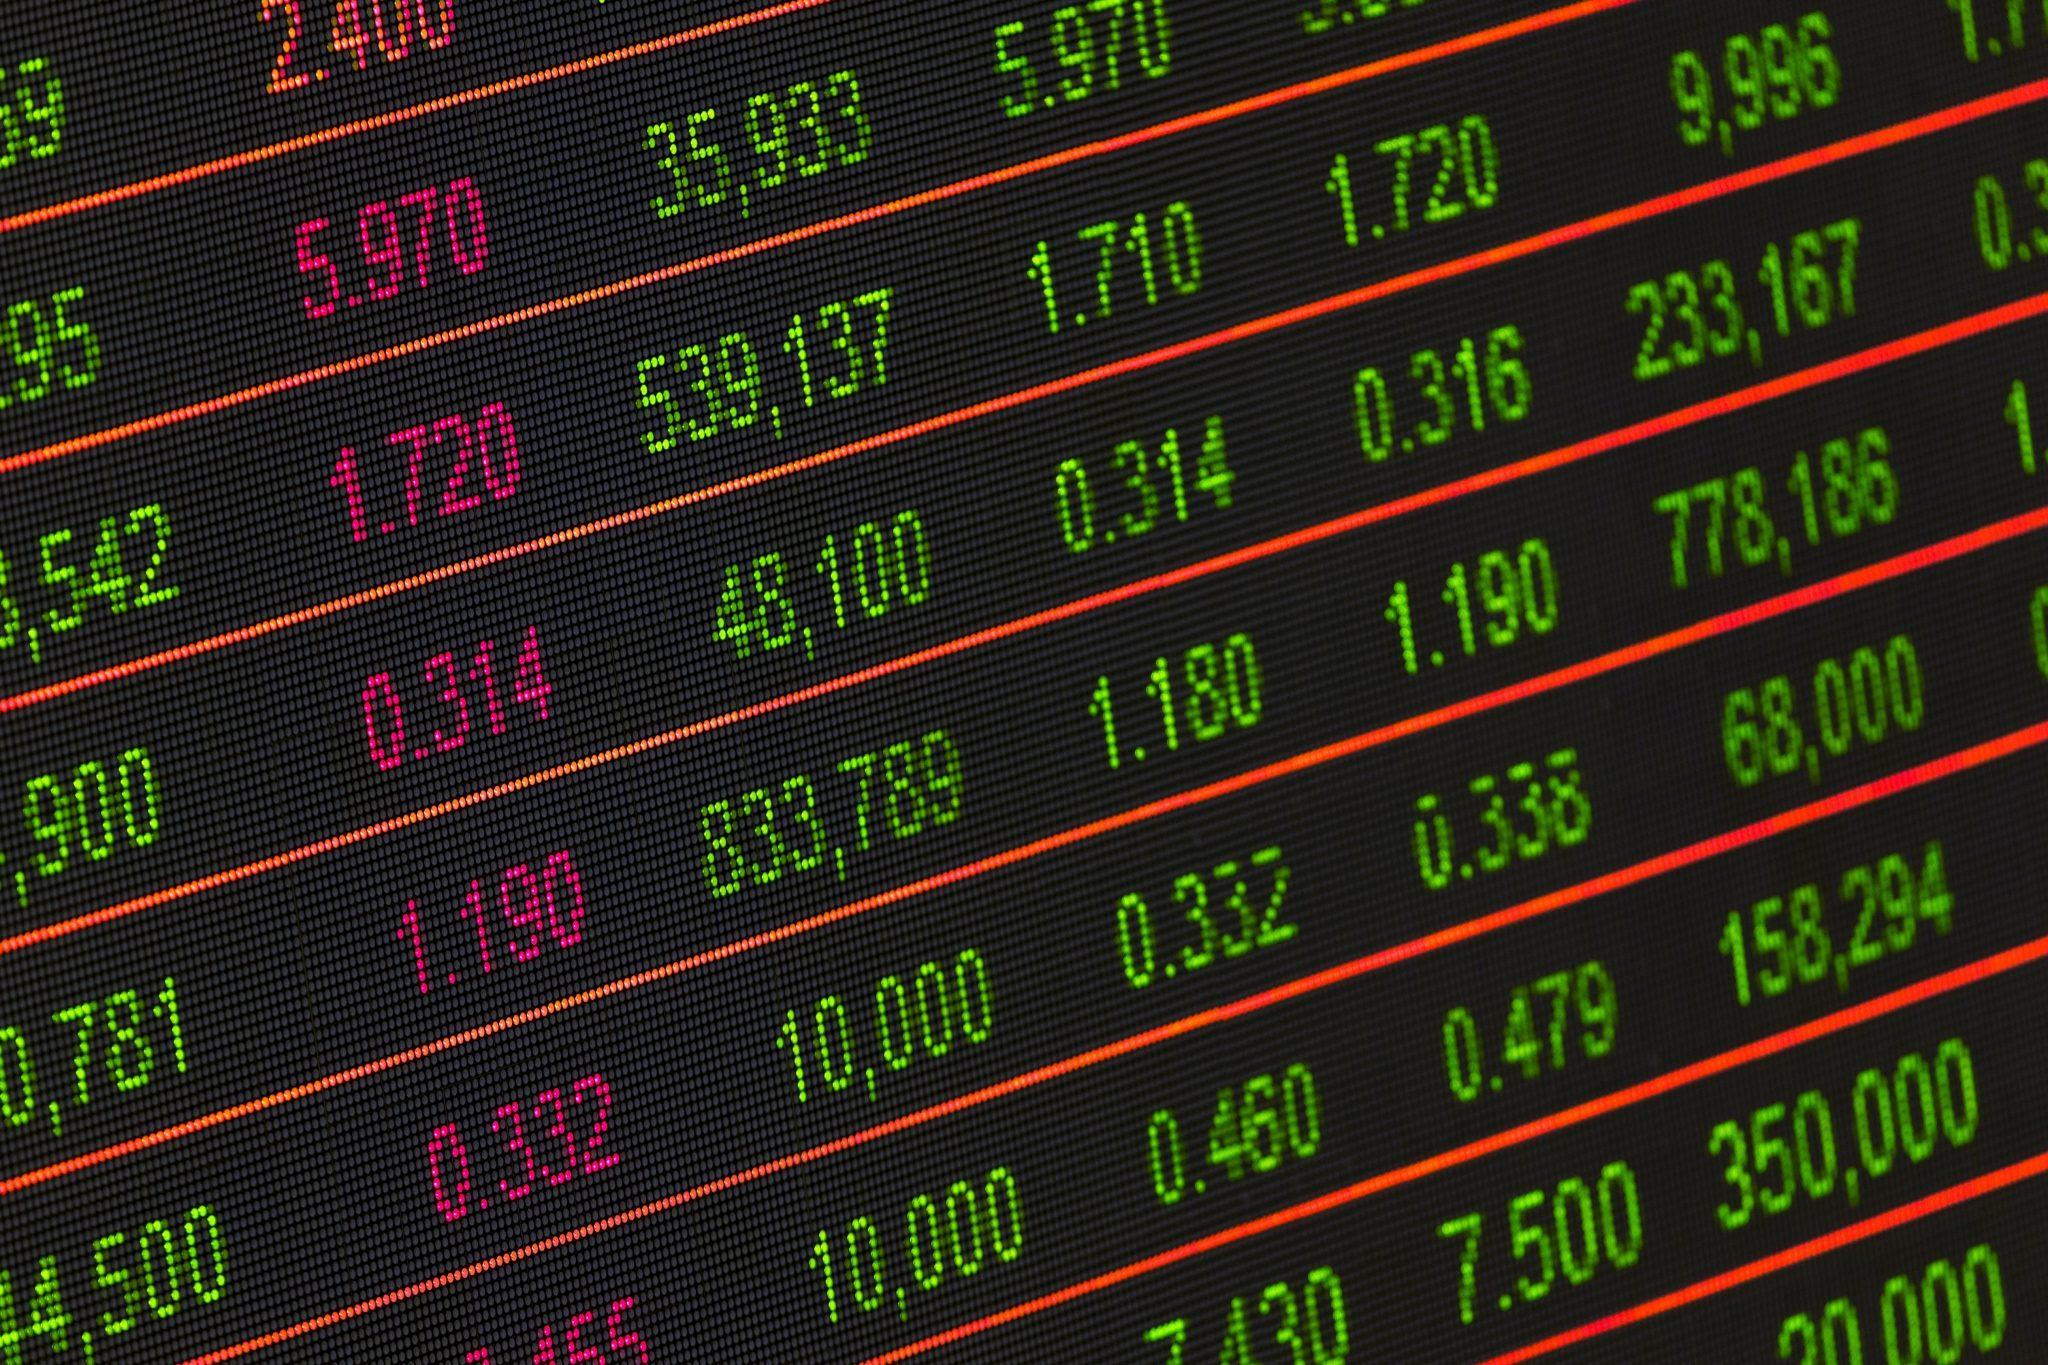 sikeres kereskedők bináris opciós stratégiák pénzügyi függetlenség akadémia bináris opciók